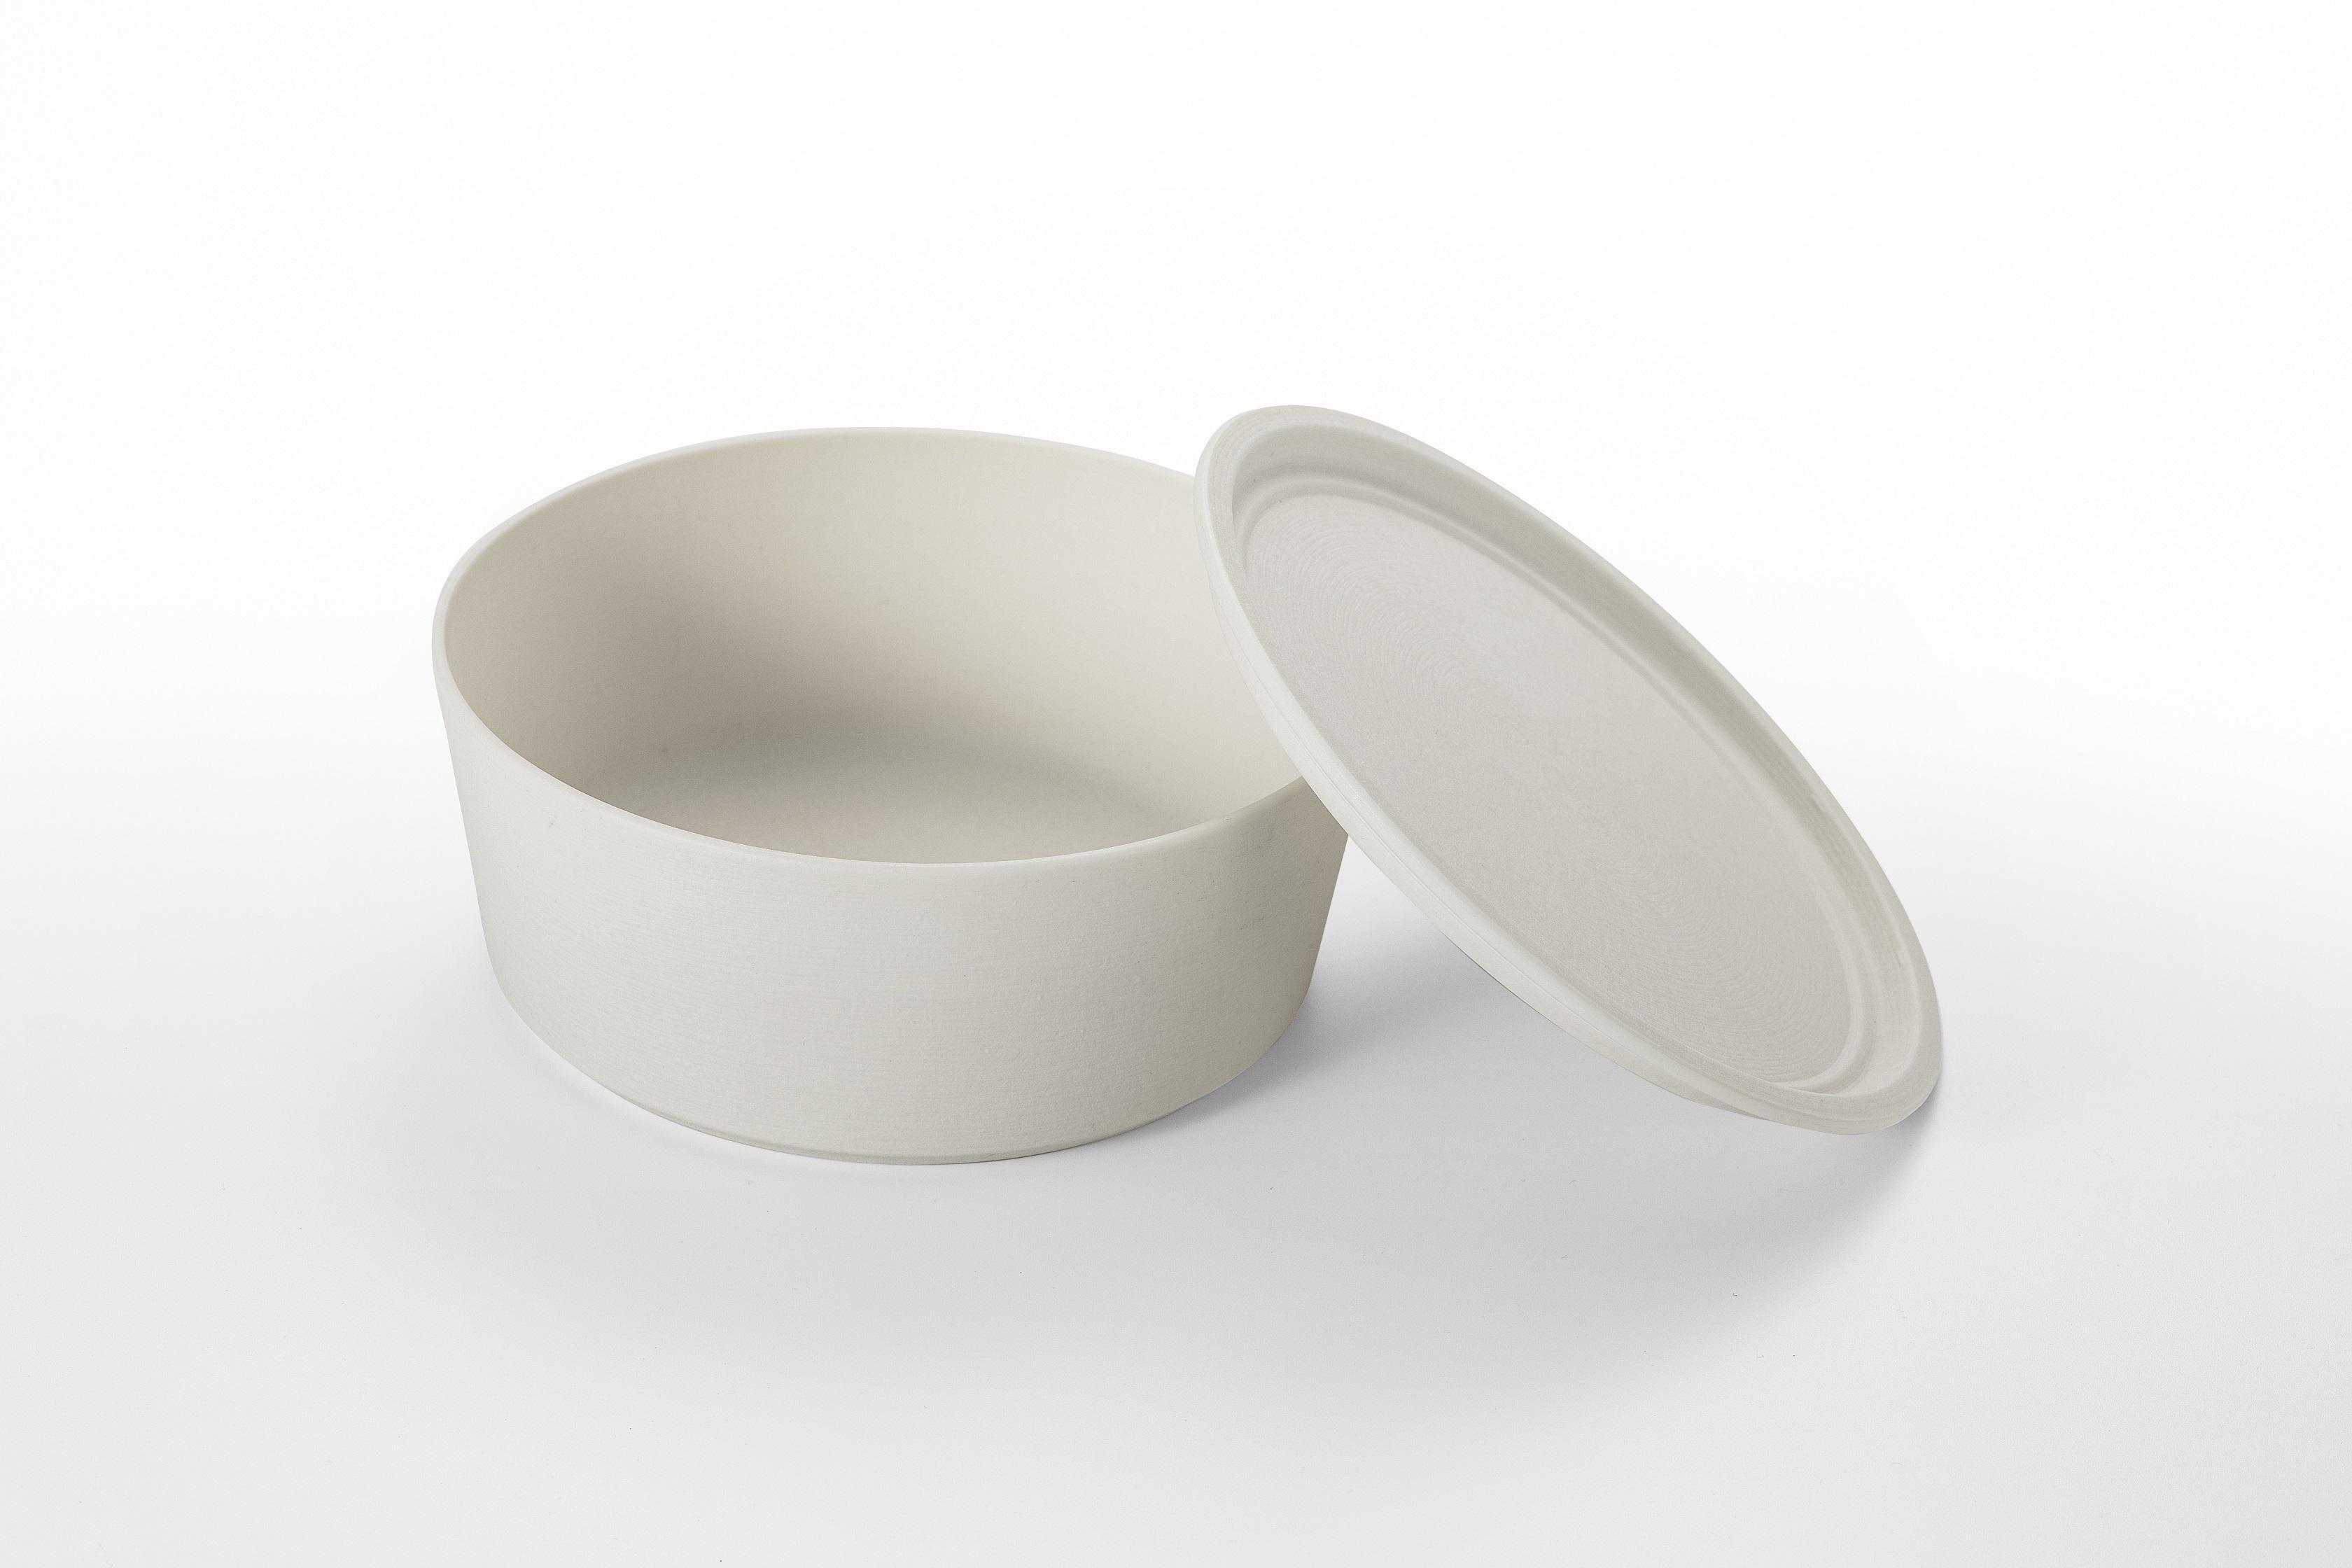 【送料無料】やきつべのだし デザイン食器「9°」セット